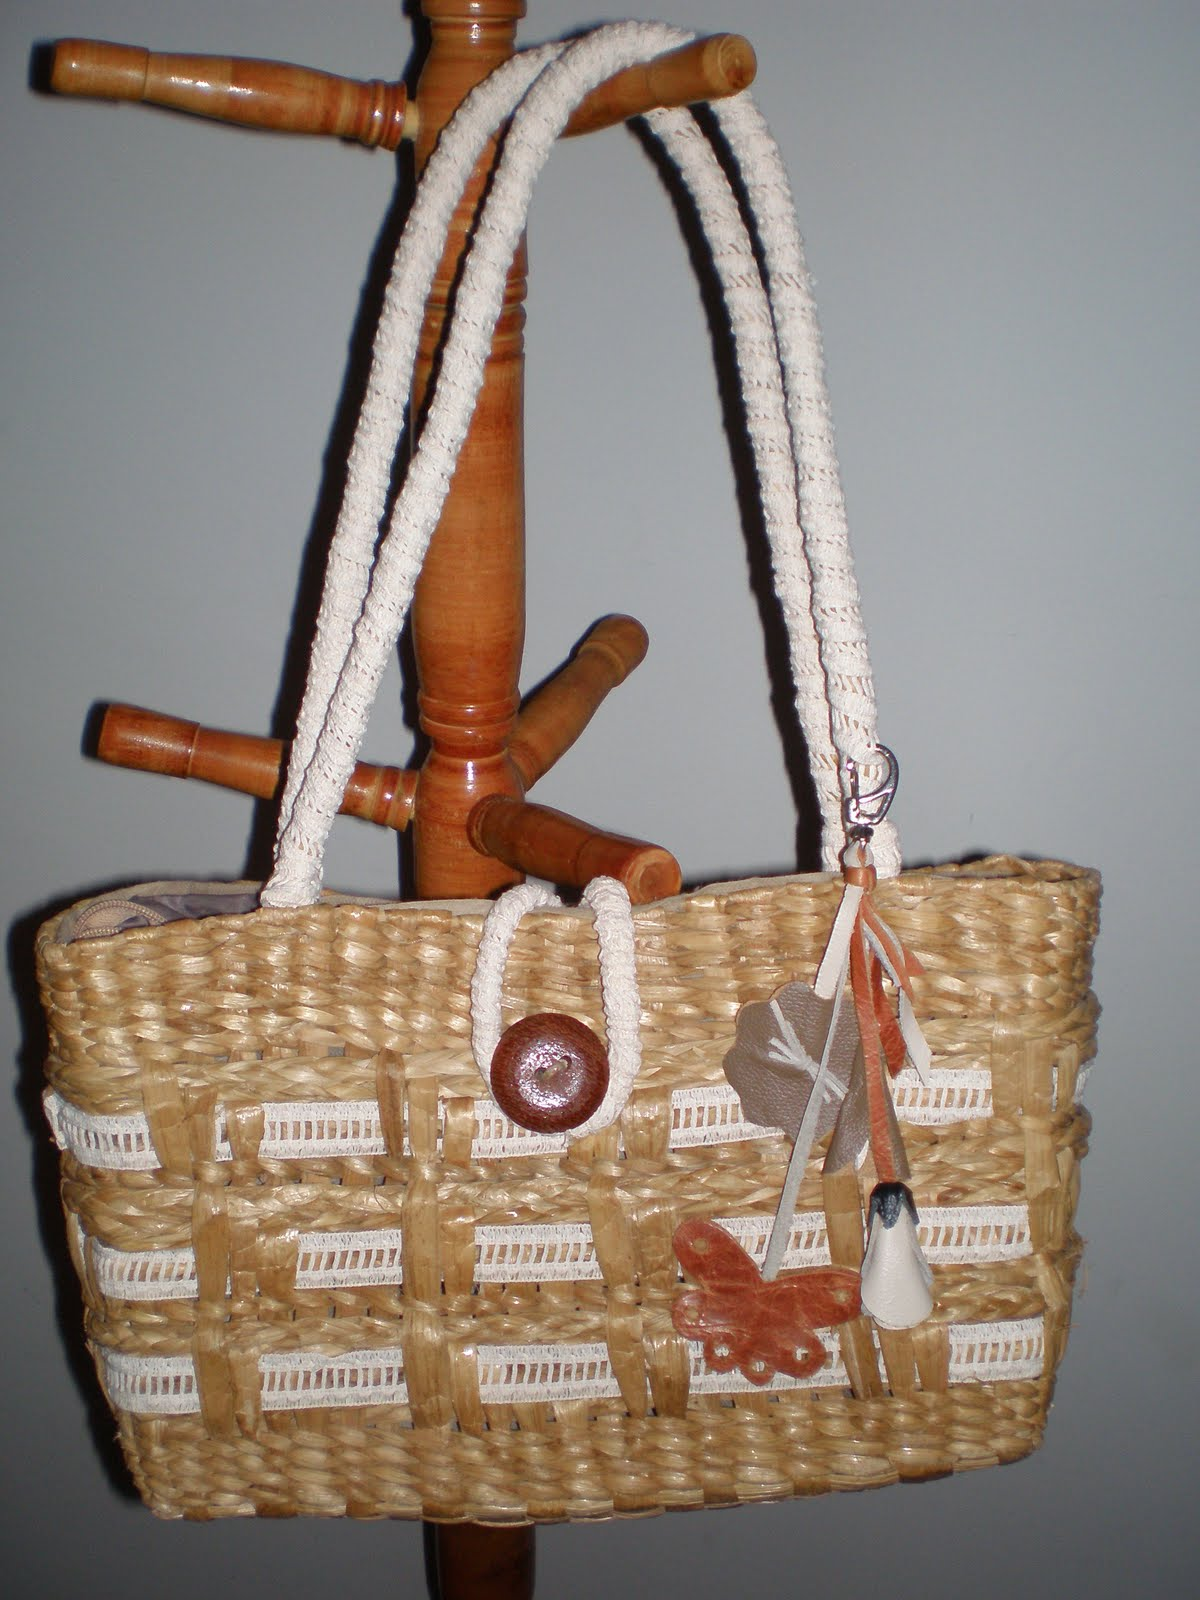 """Criatividades da """"Tia Ném £ amigas"""": Customizando bolsa de ...: http://nempacelli.blogspot.com/2010/05/customizando-bolsa-de-praia.html"""